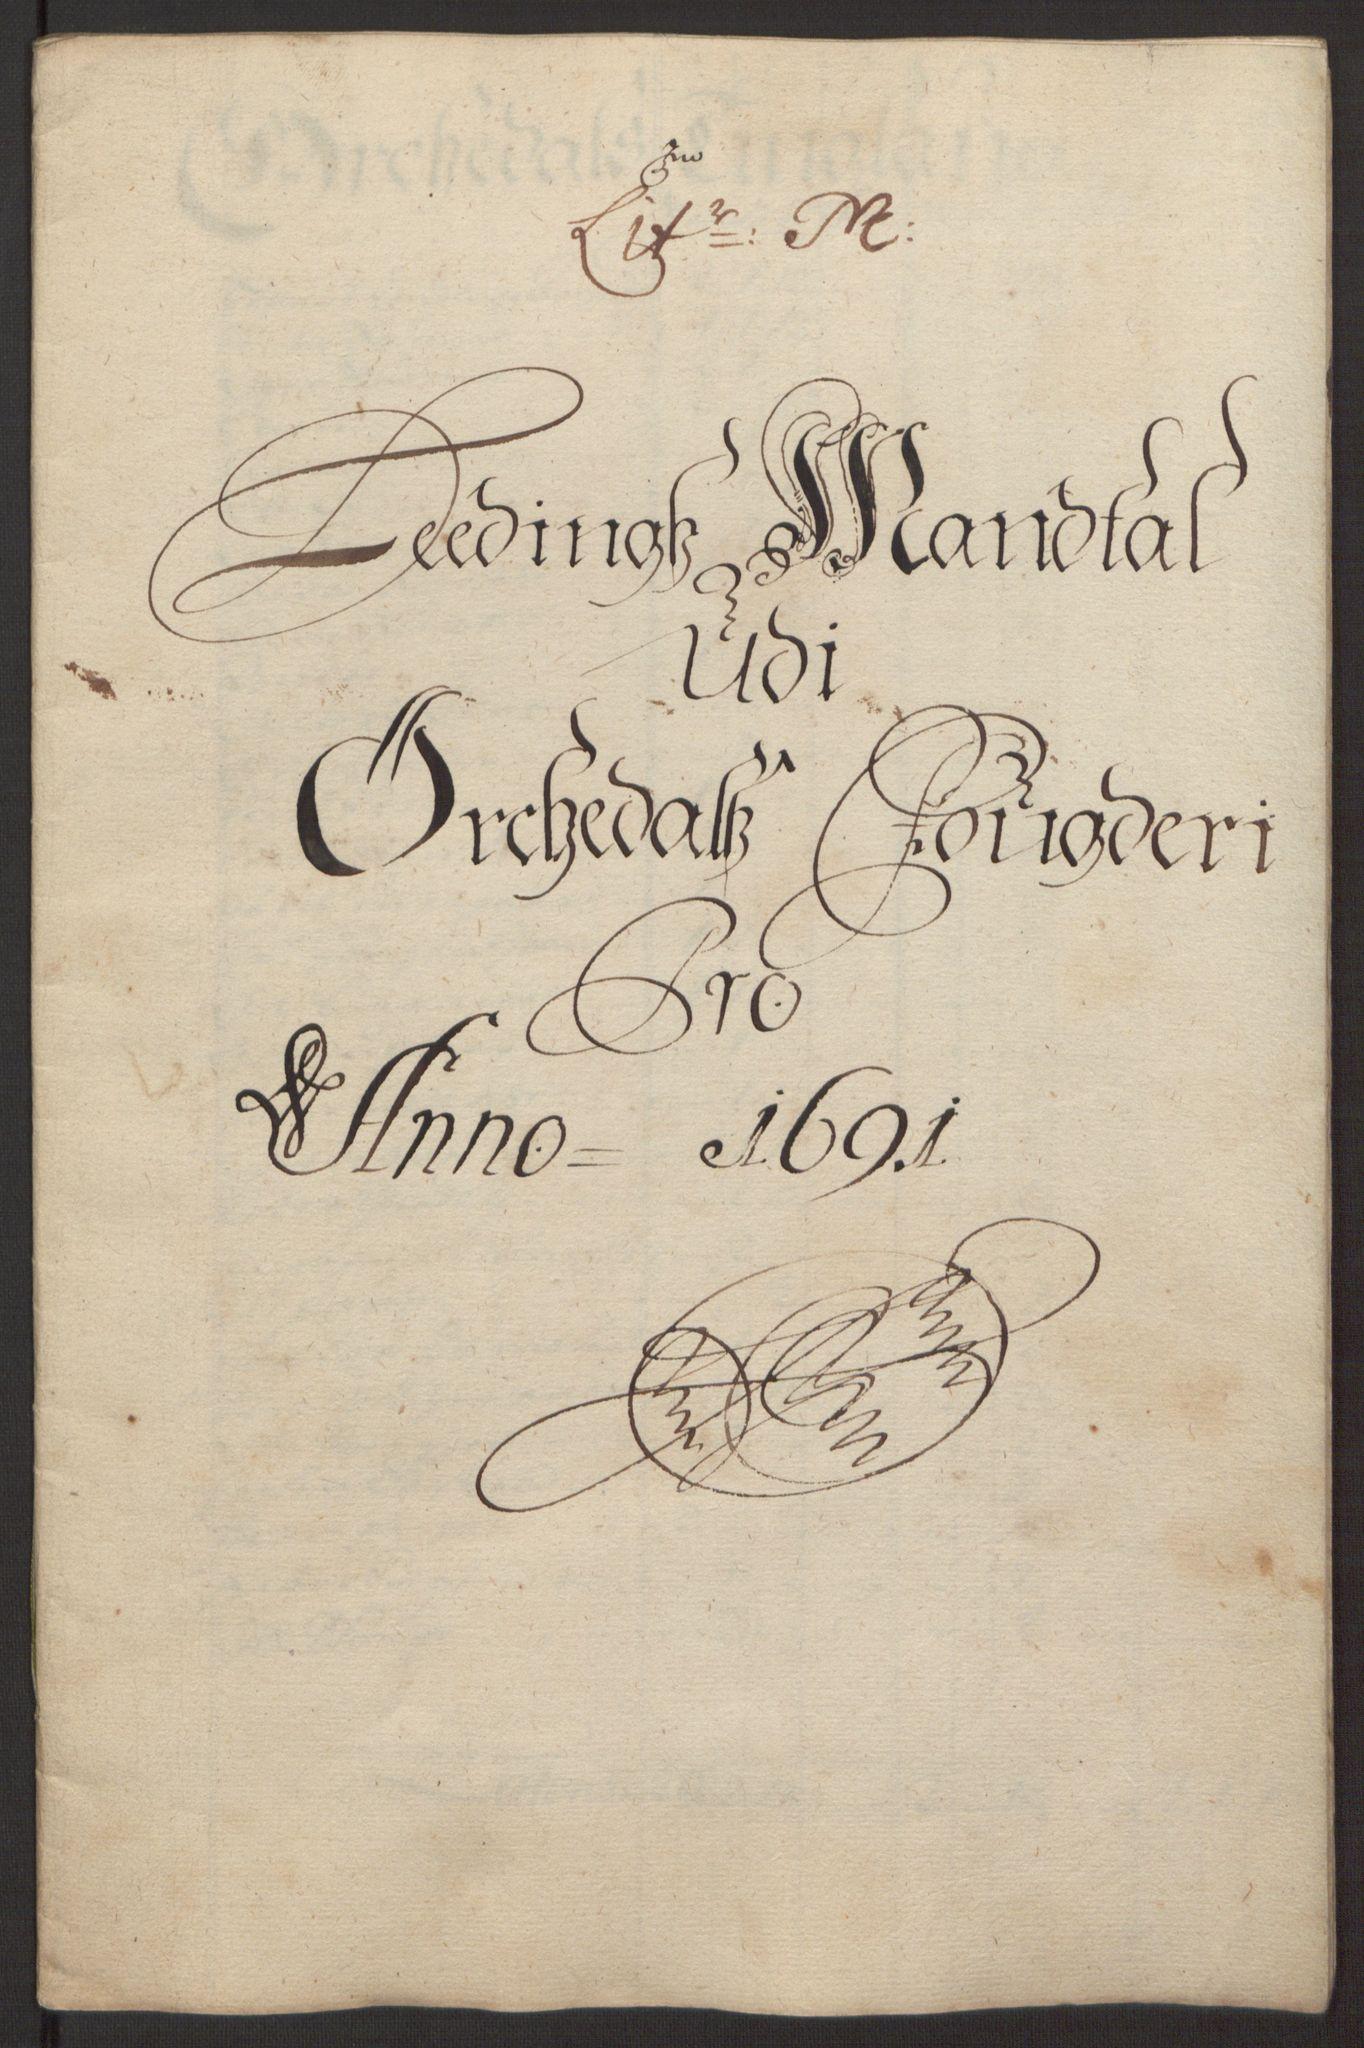 RA, Rentekammeret inntil 1814, Reviderte regnskaper, Fogderegnskap, R58/L3937: Fogderegnskap Orkdal, 1691-1692, s. 113